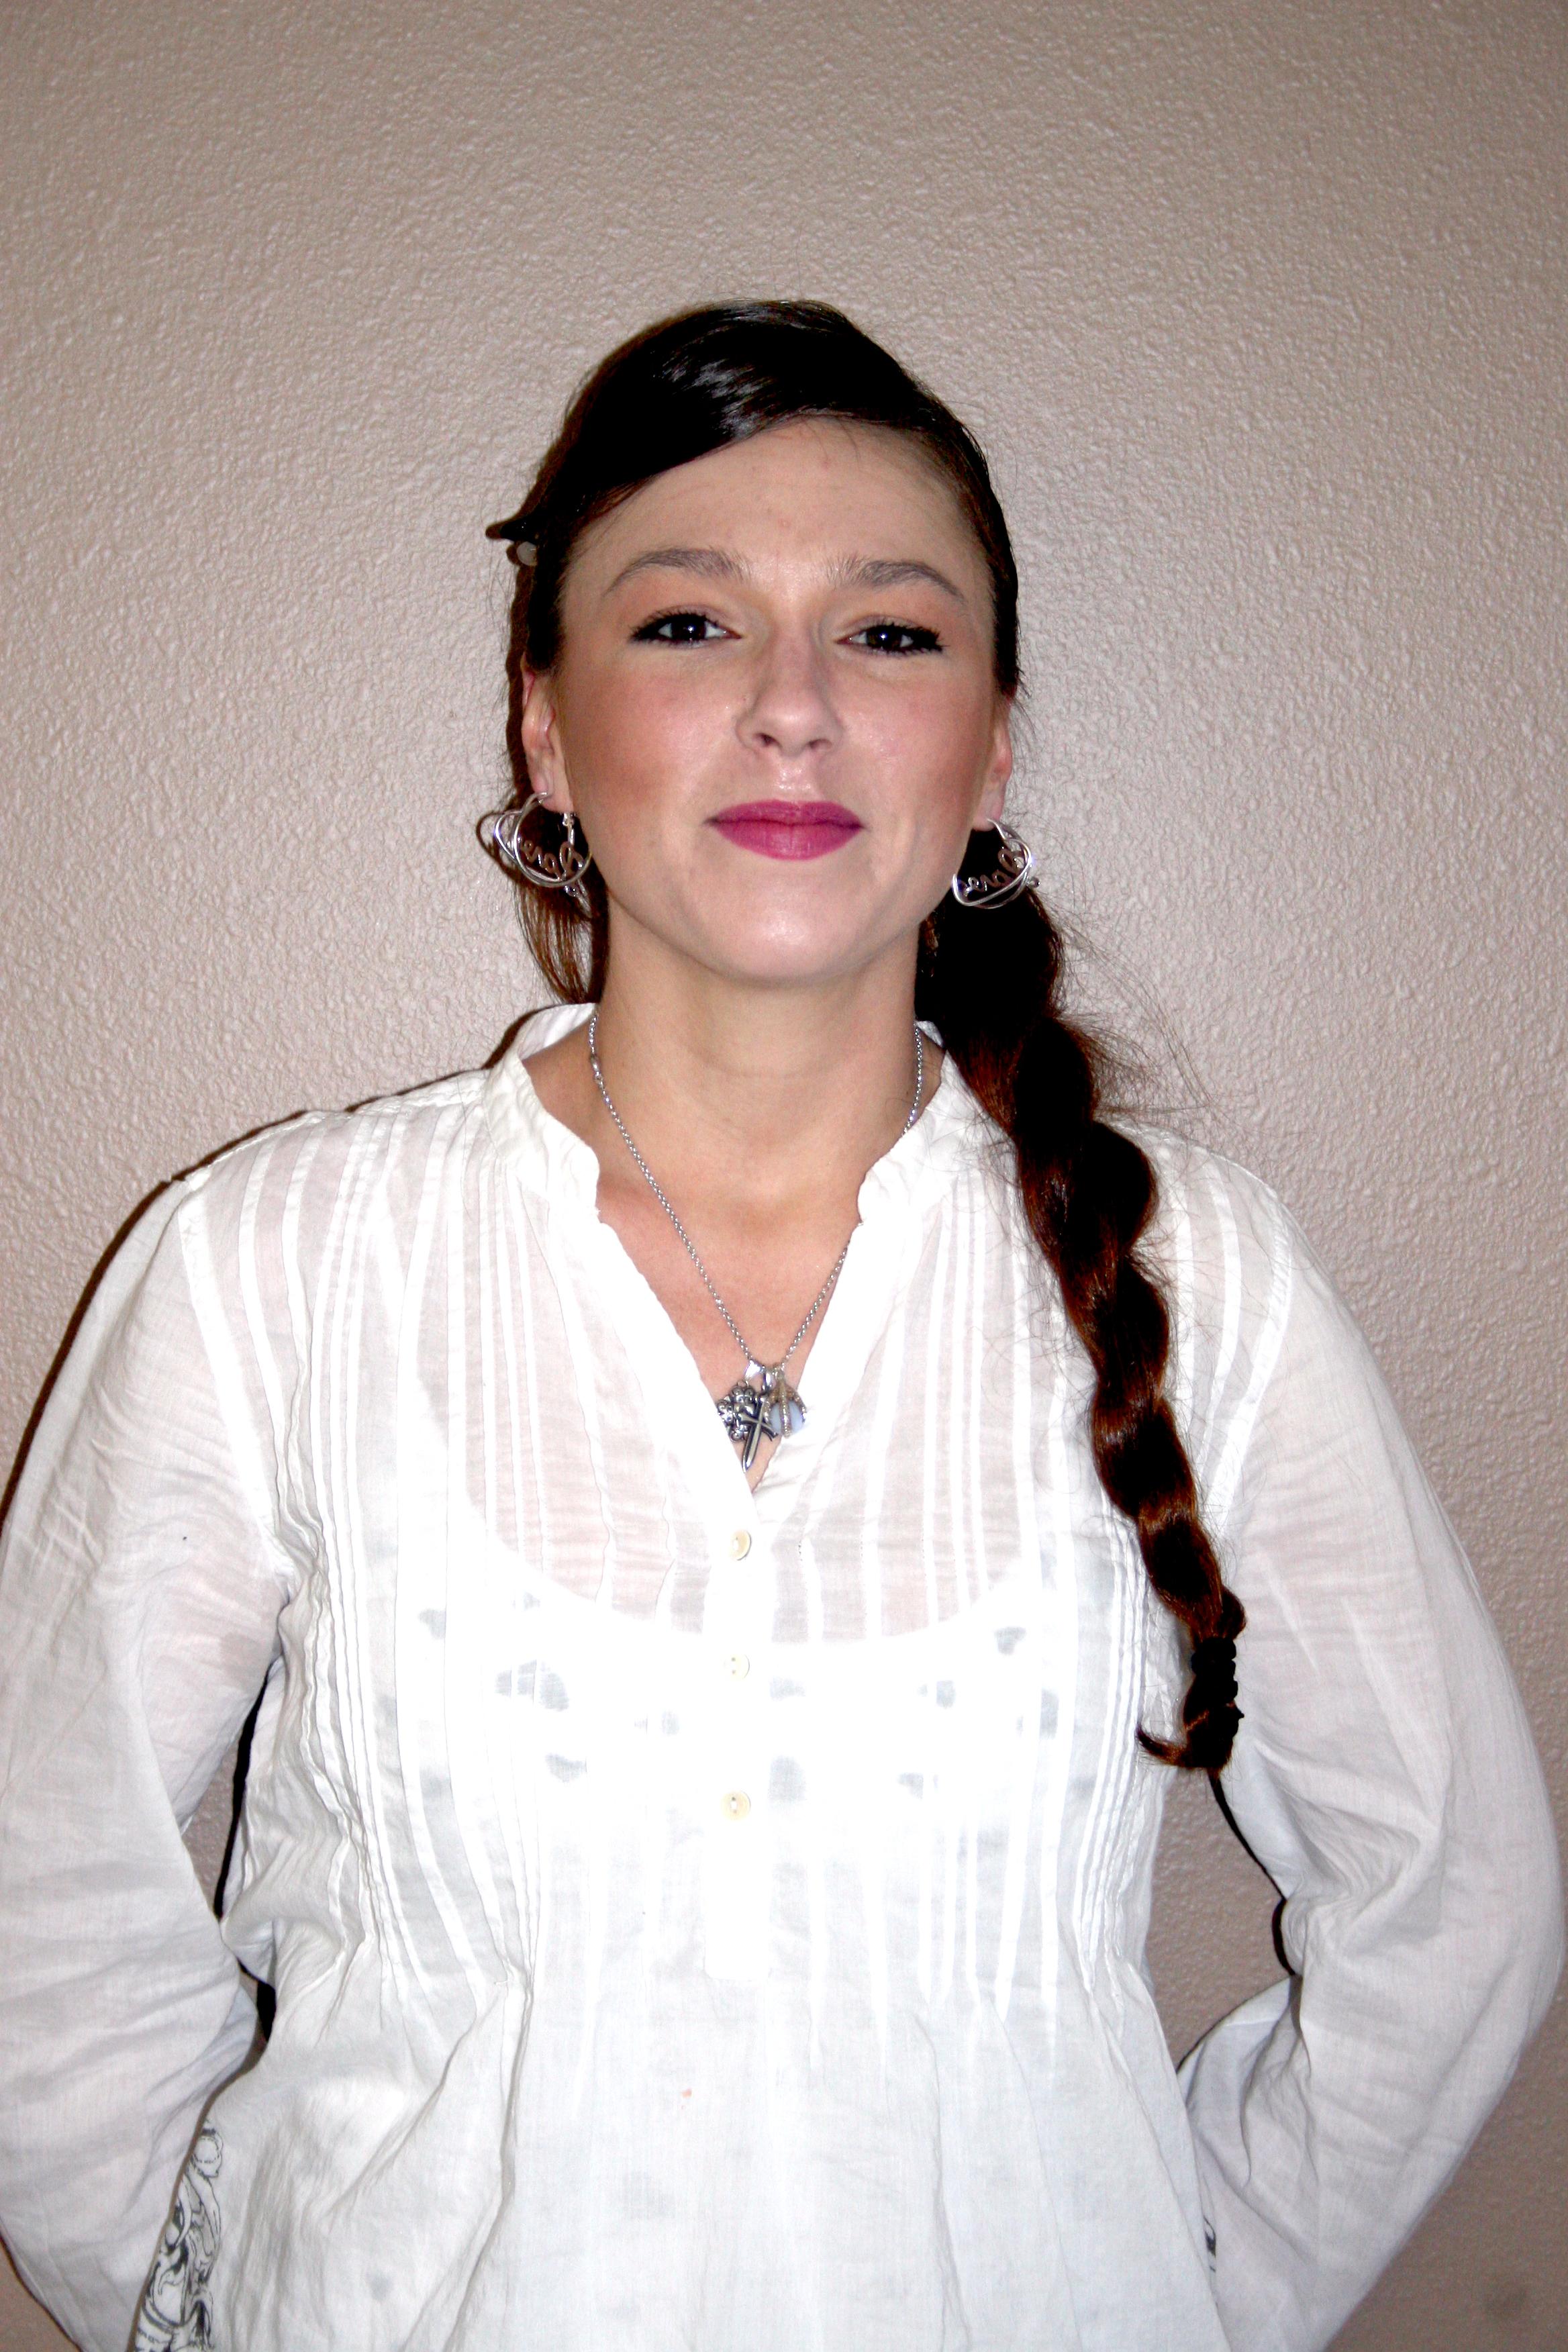 Leticia Bodine